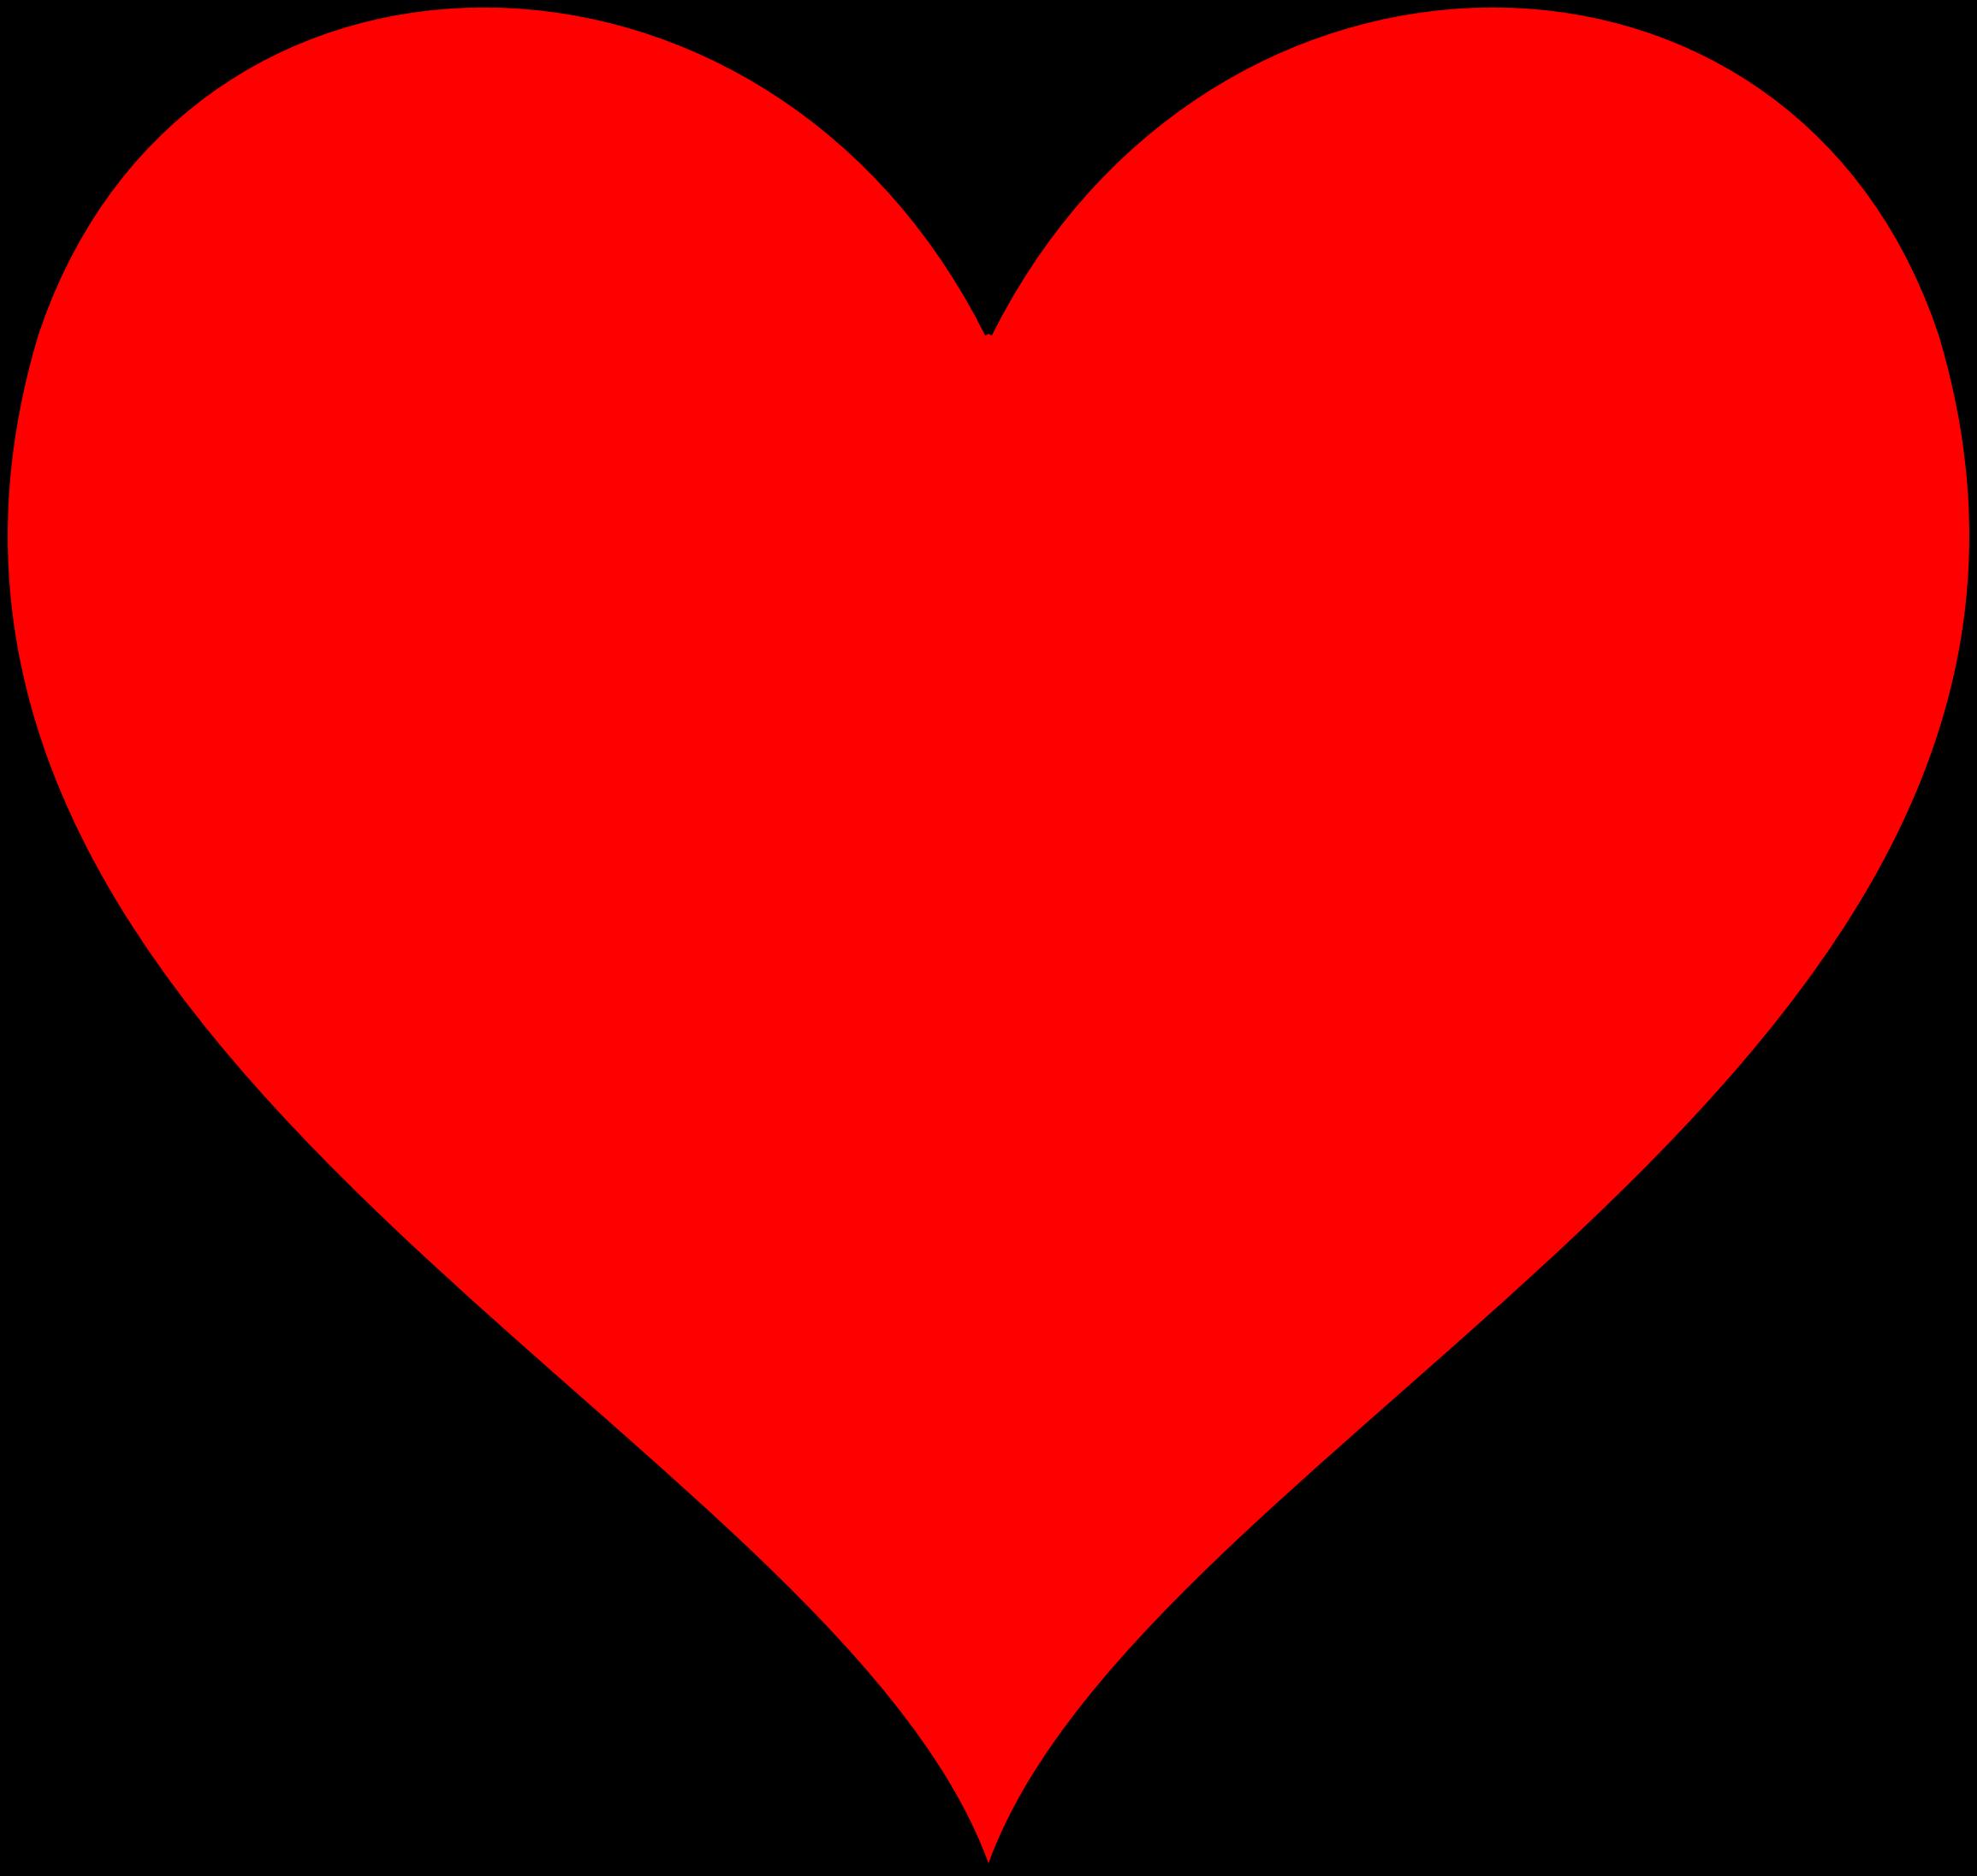 heartwhite